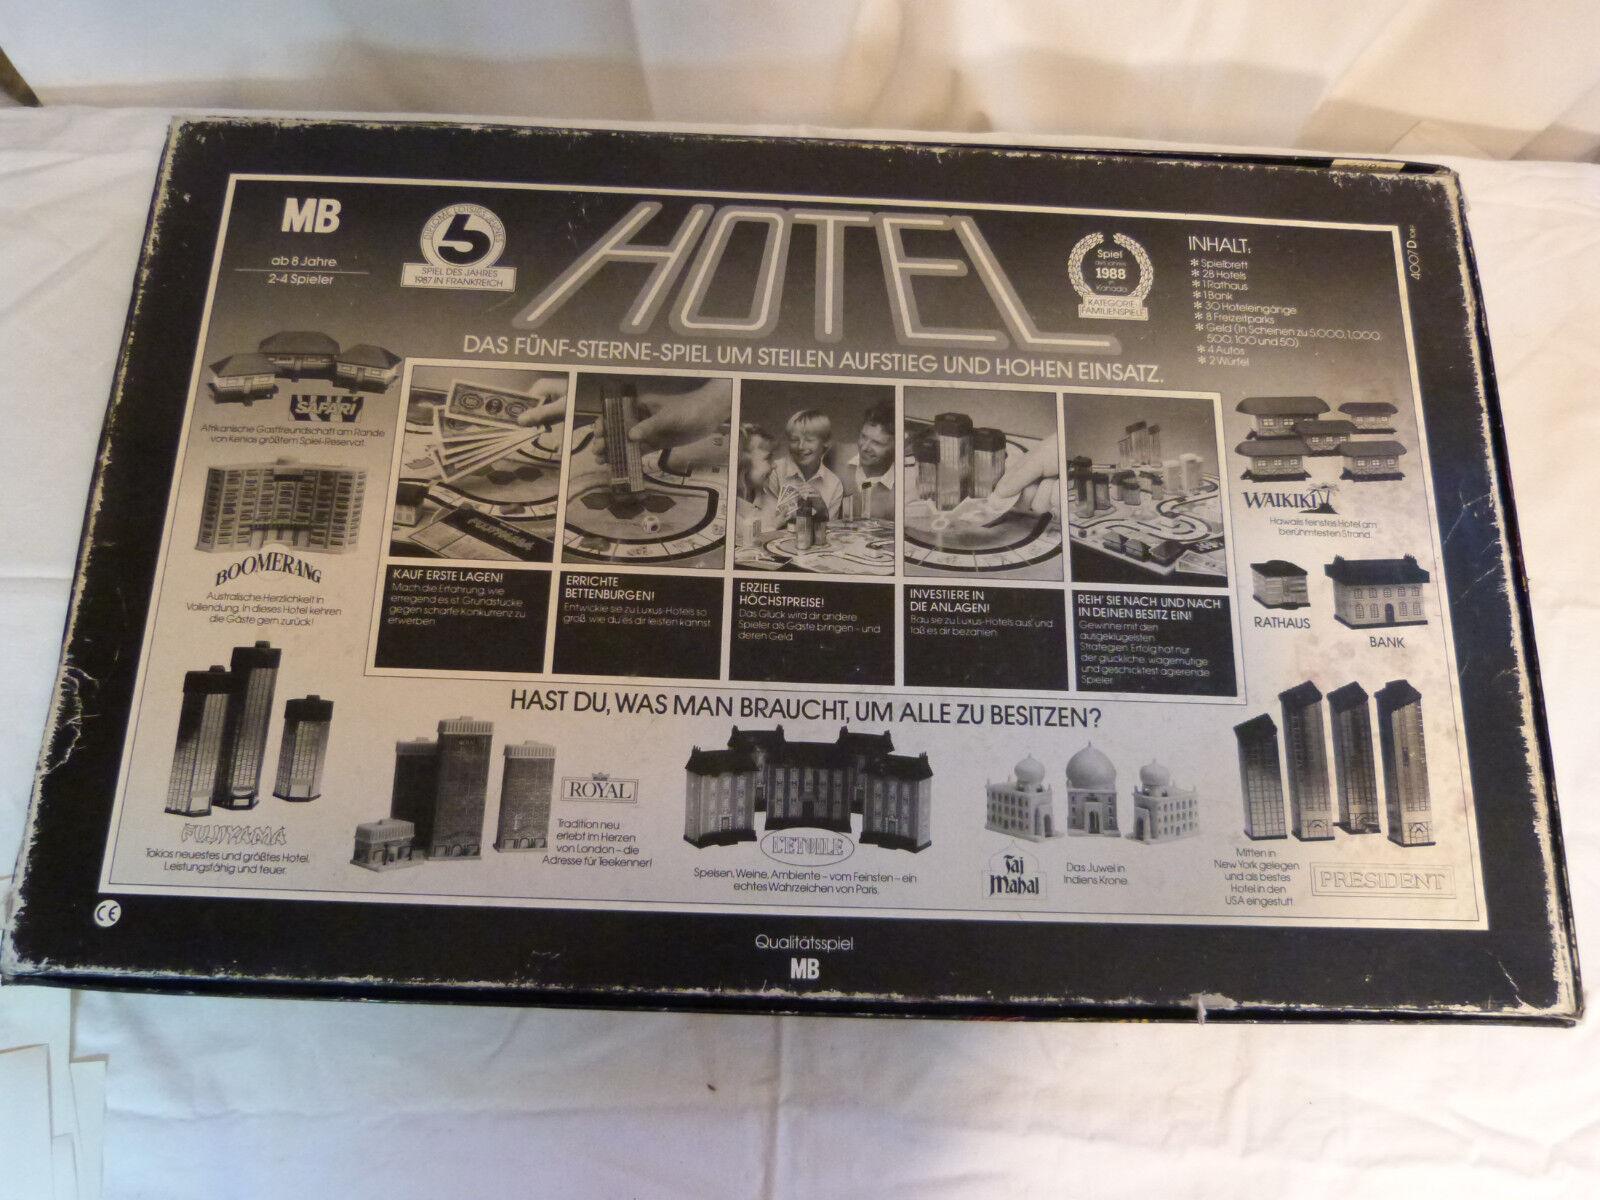 Hotel Spiel von MB 1986 - Große Blaue Edition  / Gesellschaftspiel / Spielzeug